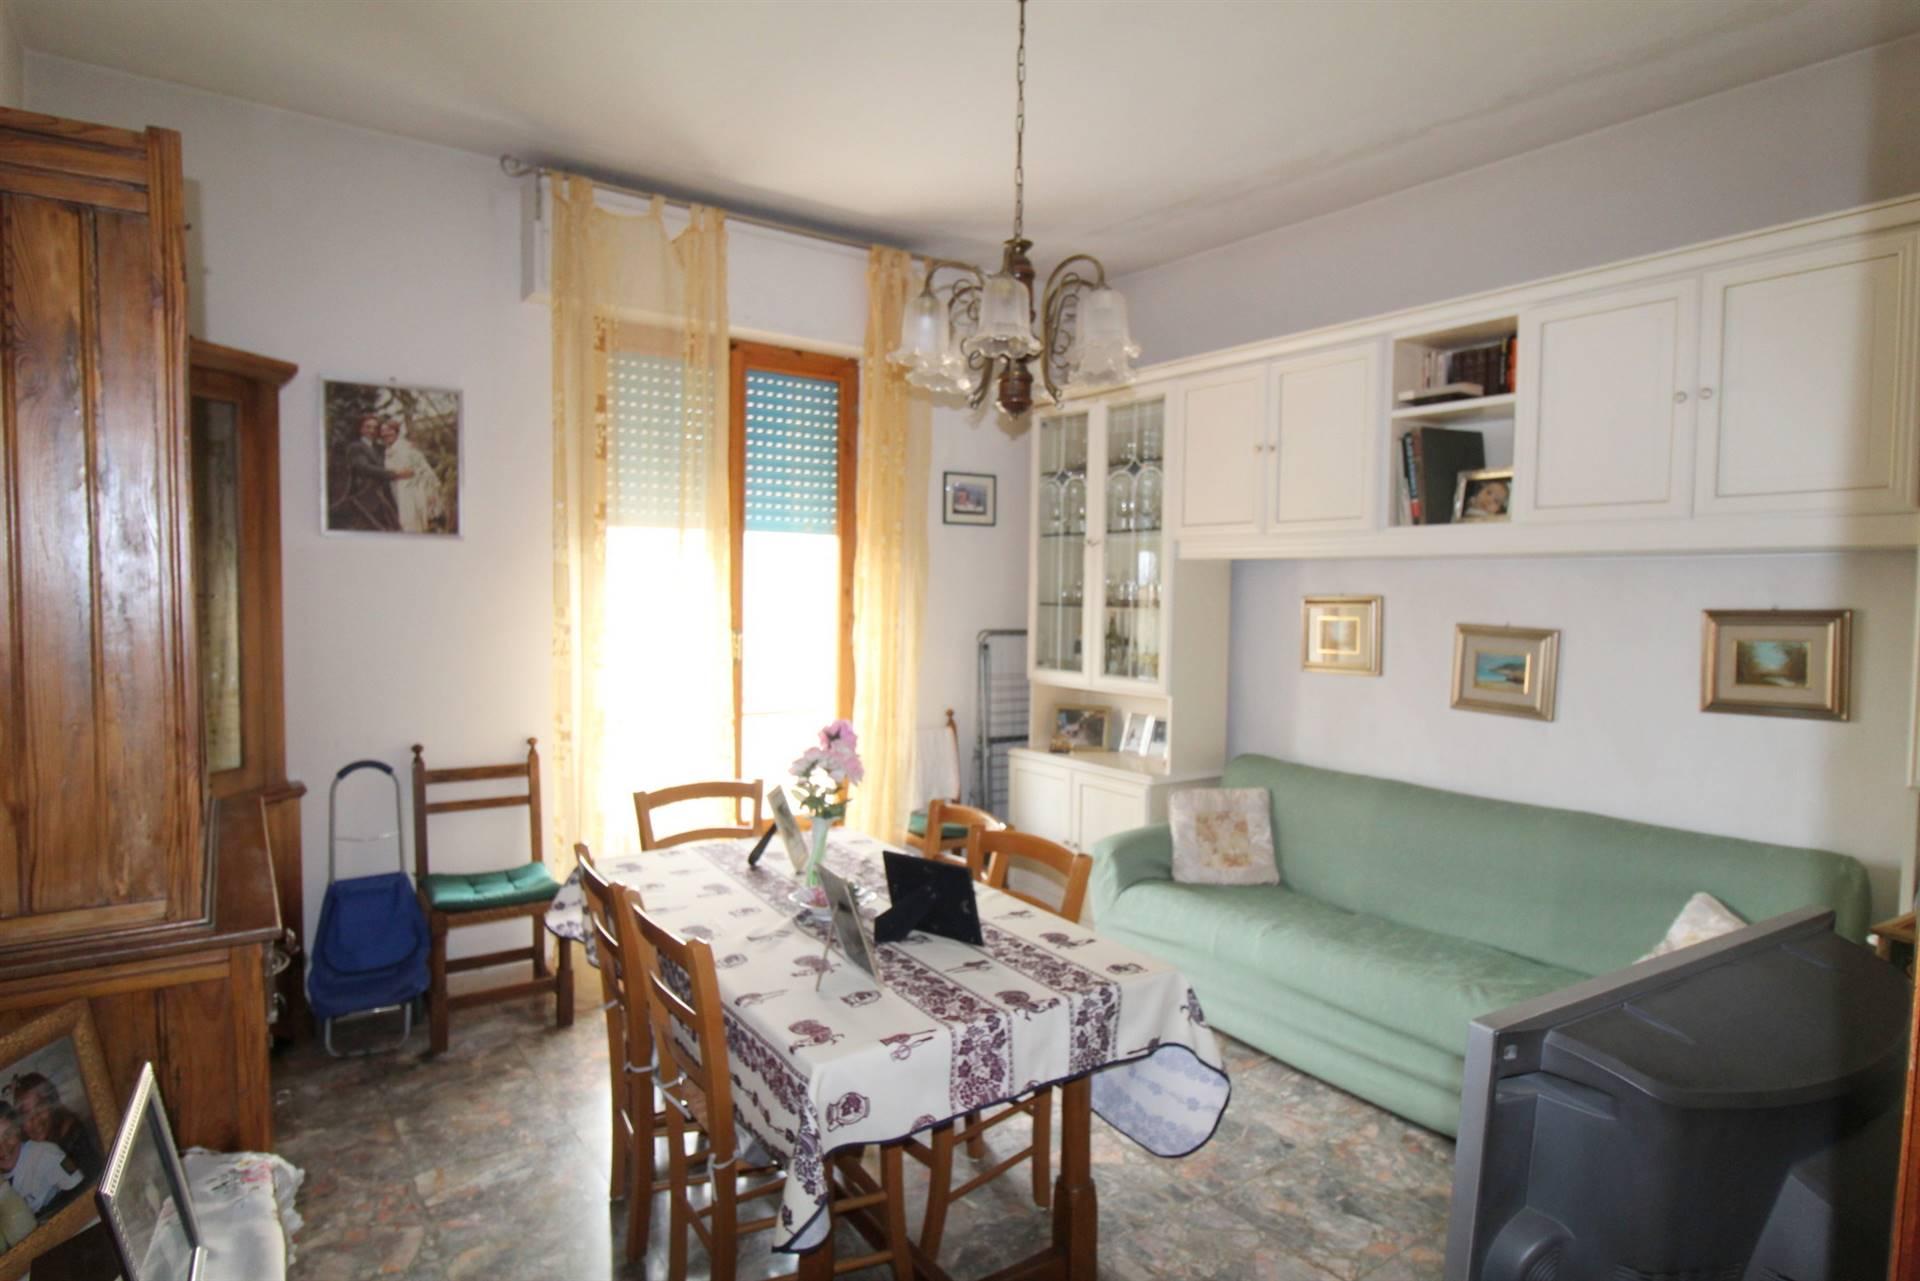 Appartamento in vendita a Monteroni d'Arbia, 4 locali, prezzo € 160.000 | CambioCasa.it